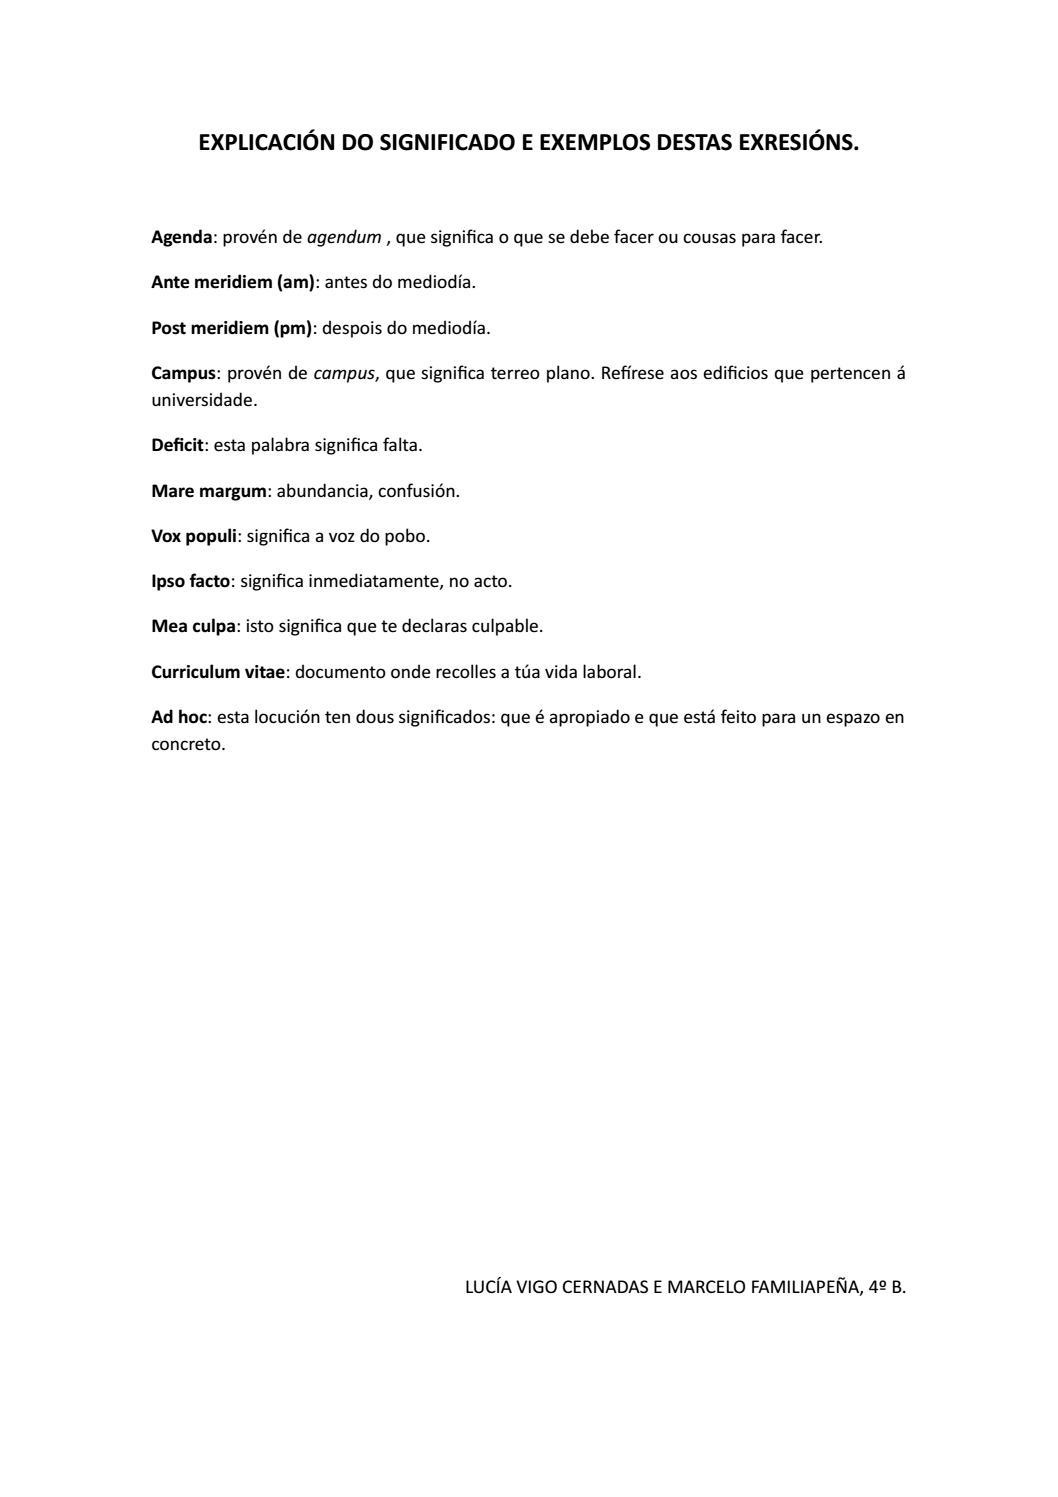 explicacin do significado e exemplos de uso by mara snchez manteiga issuu